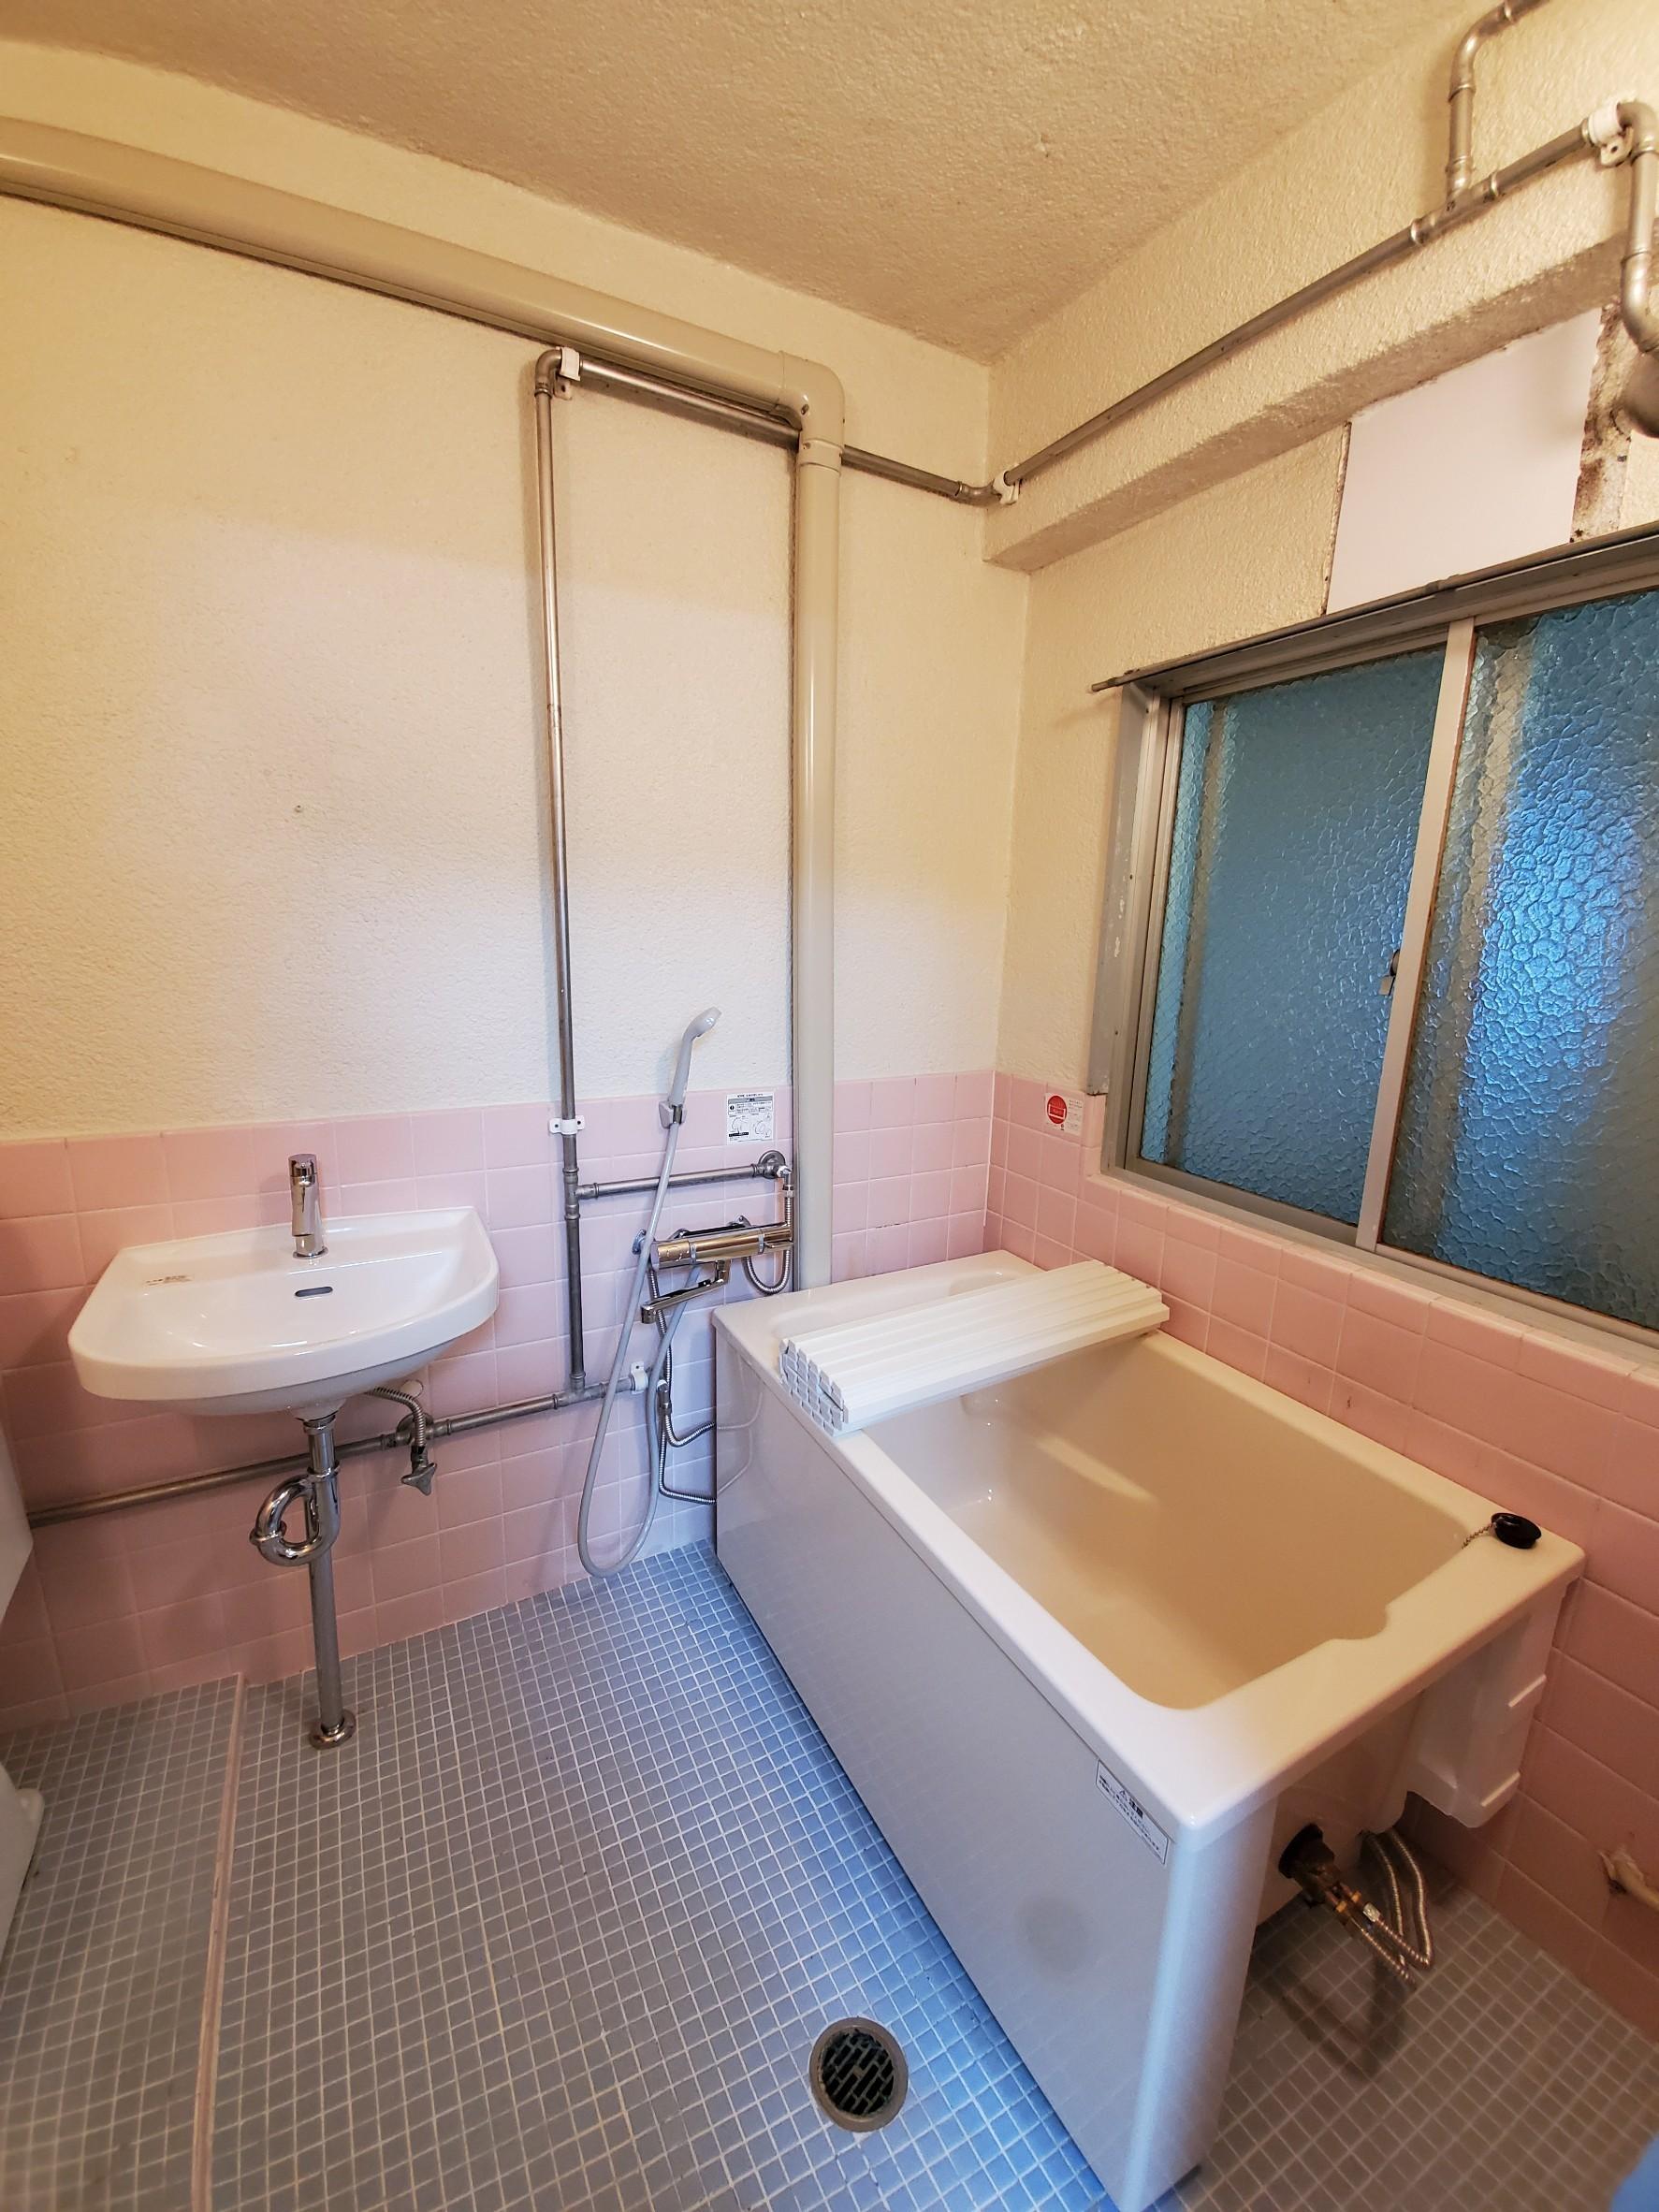 浴槽新品交換済